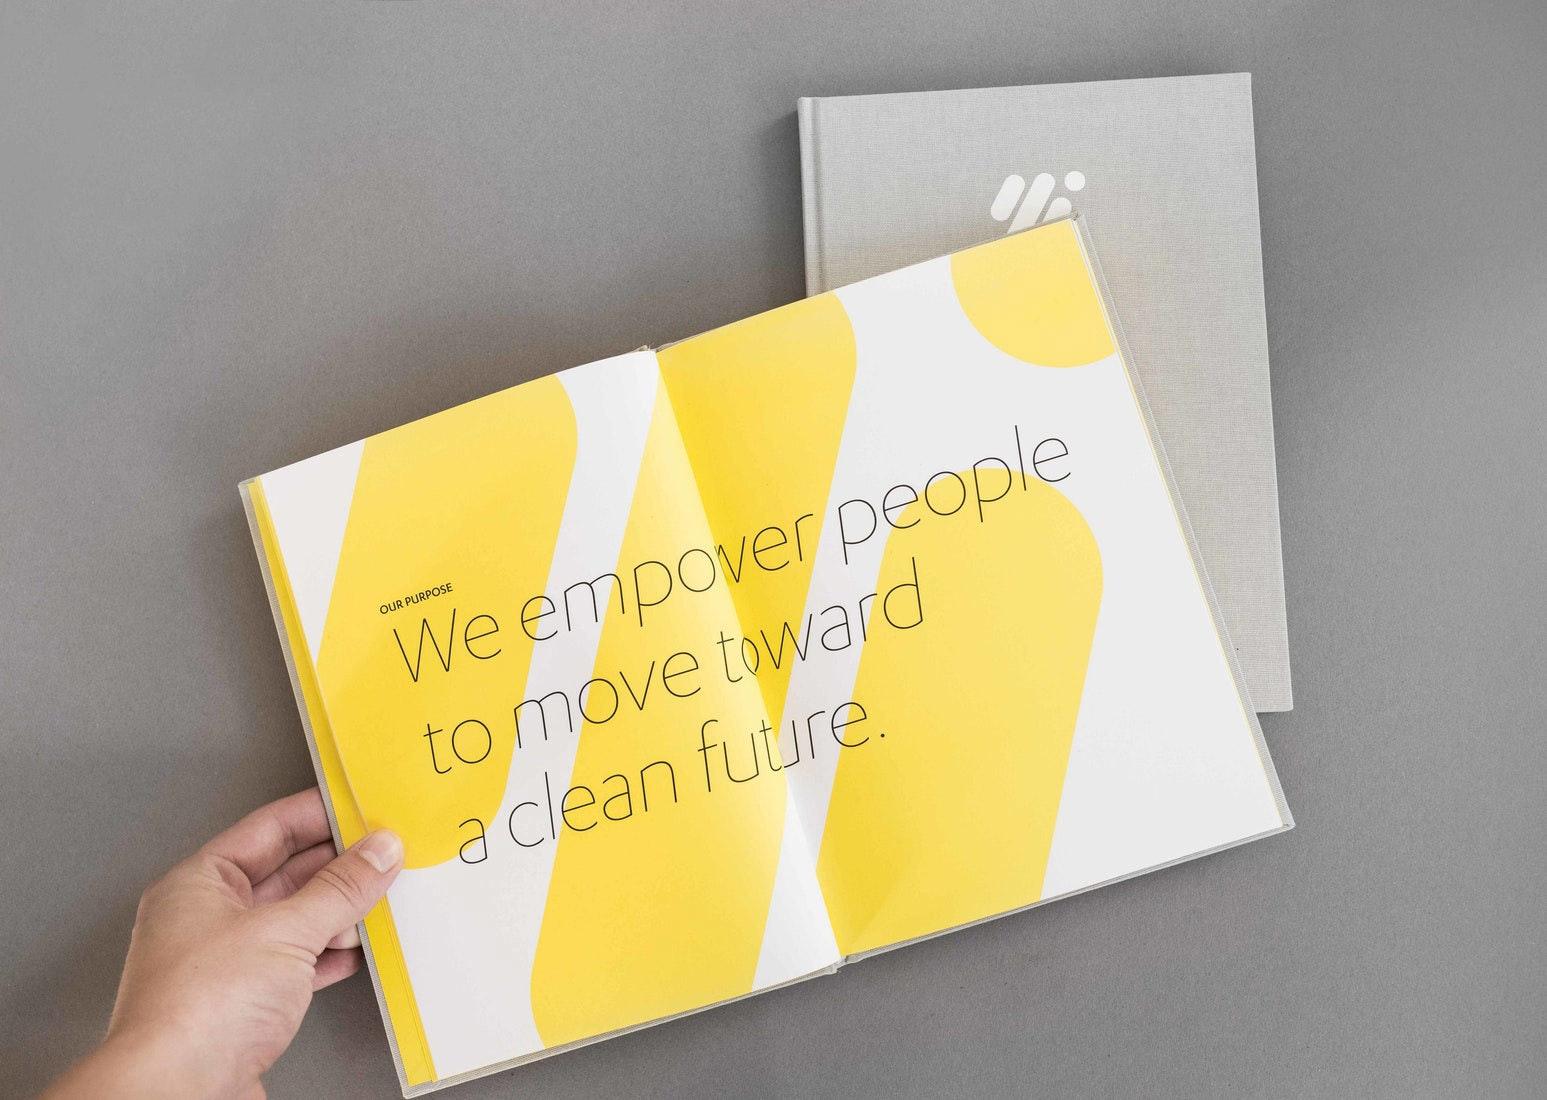 Wl Manifesto Photo 4041 2